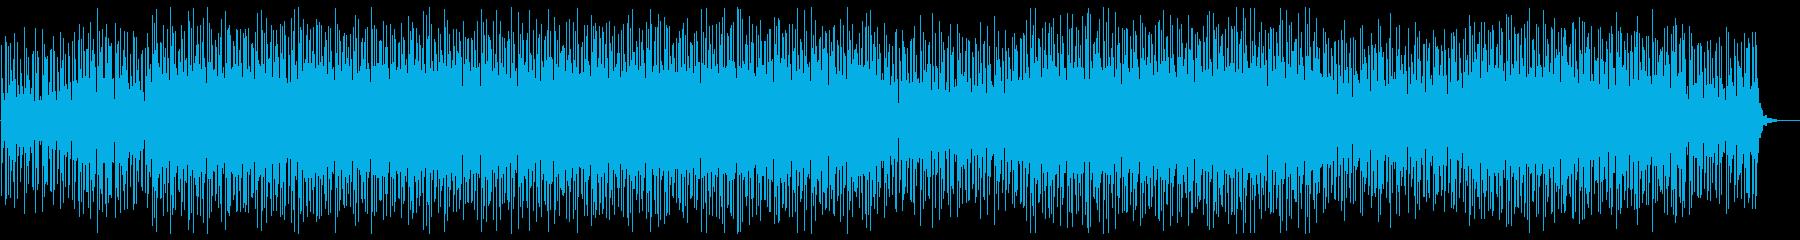 【メロ抜】幻想的で壮大なハウス/EDMの再生済みの波形